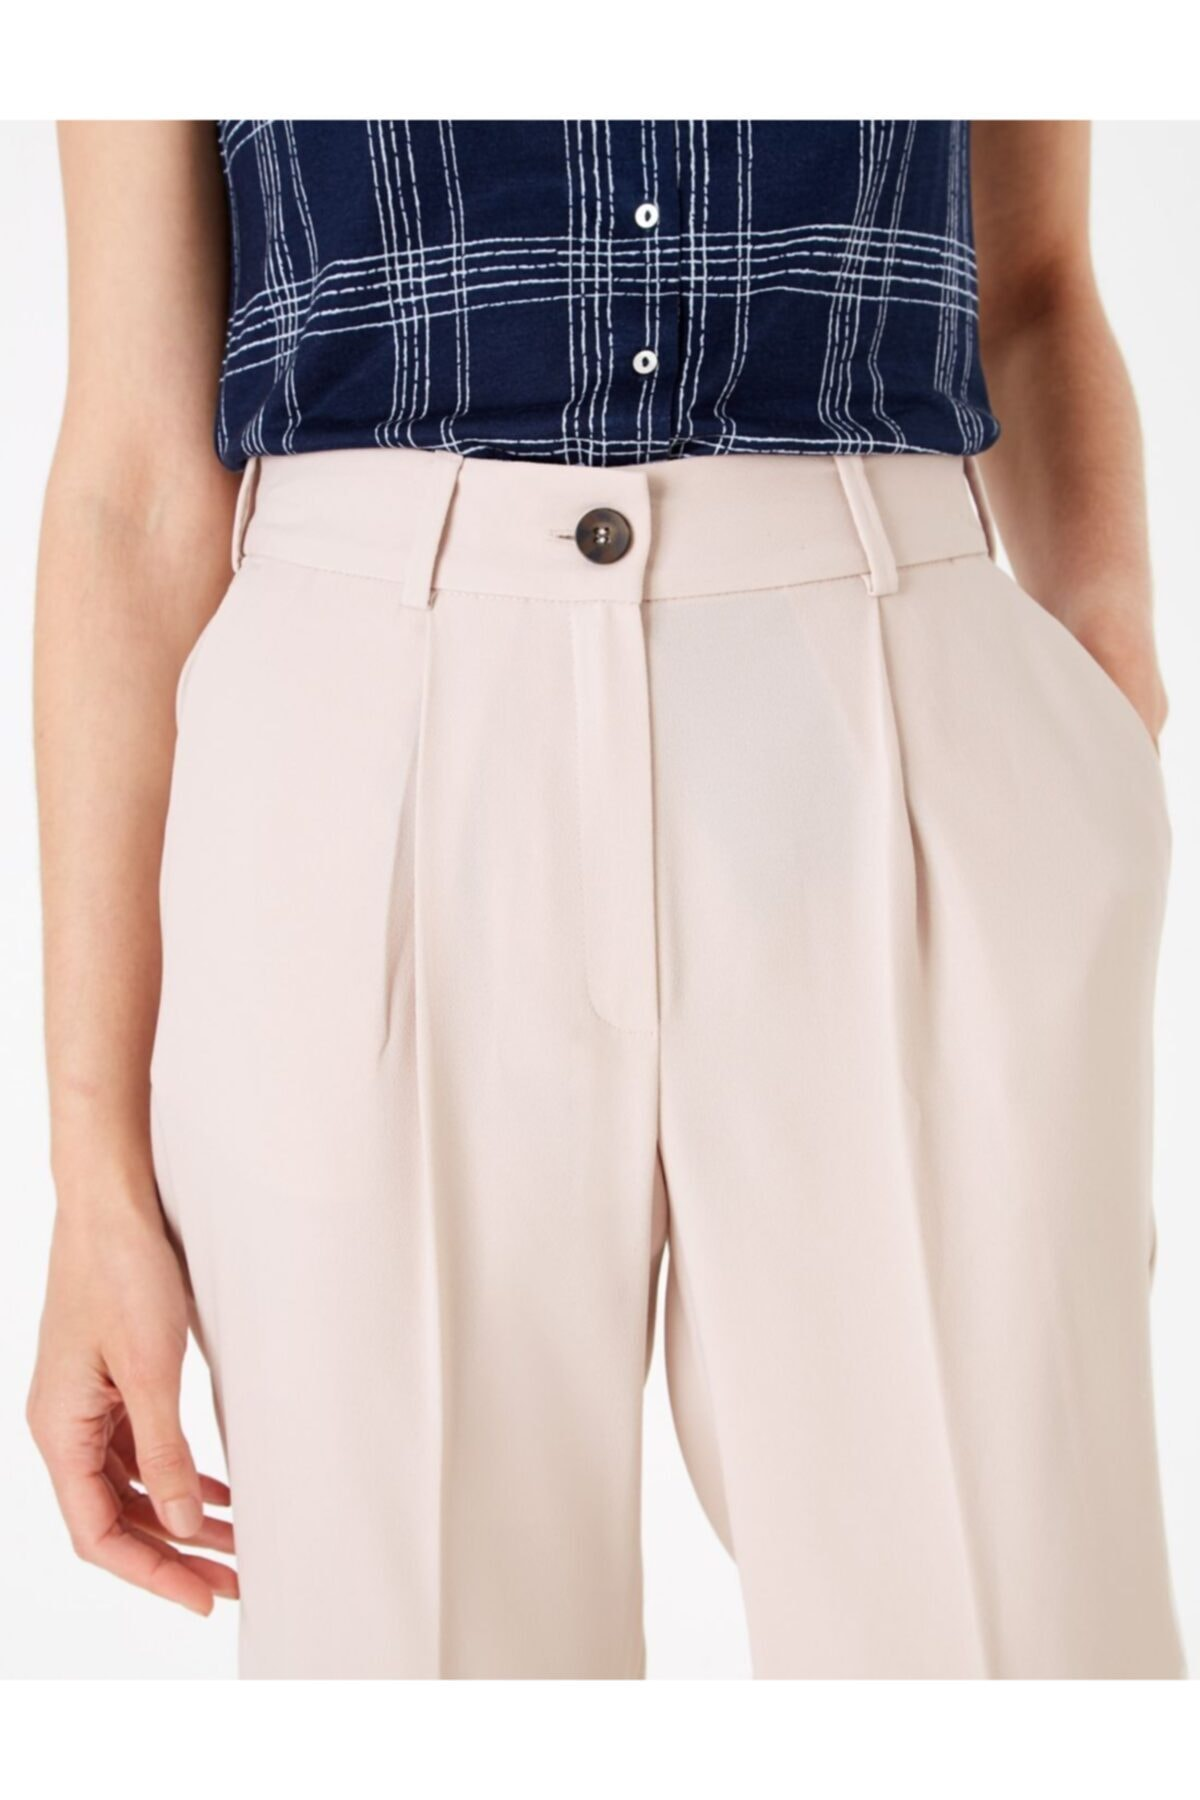 Marks & Spencer Tapered Leg 7/8 Pantolon 2